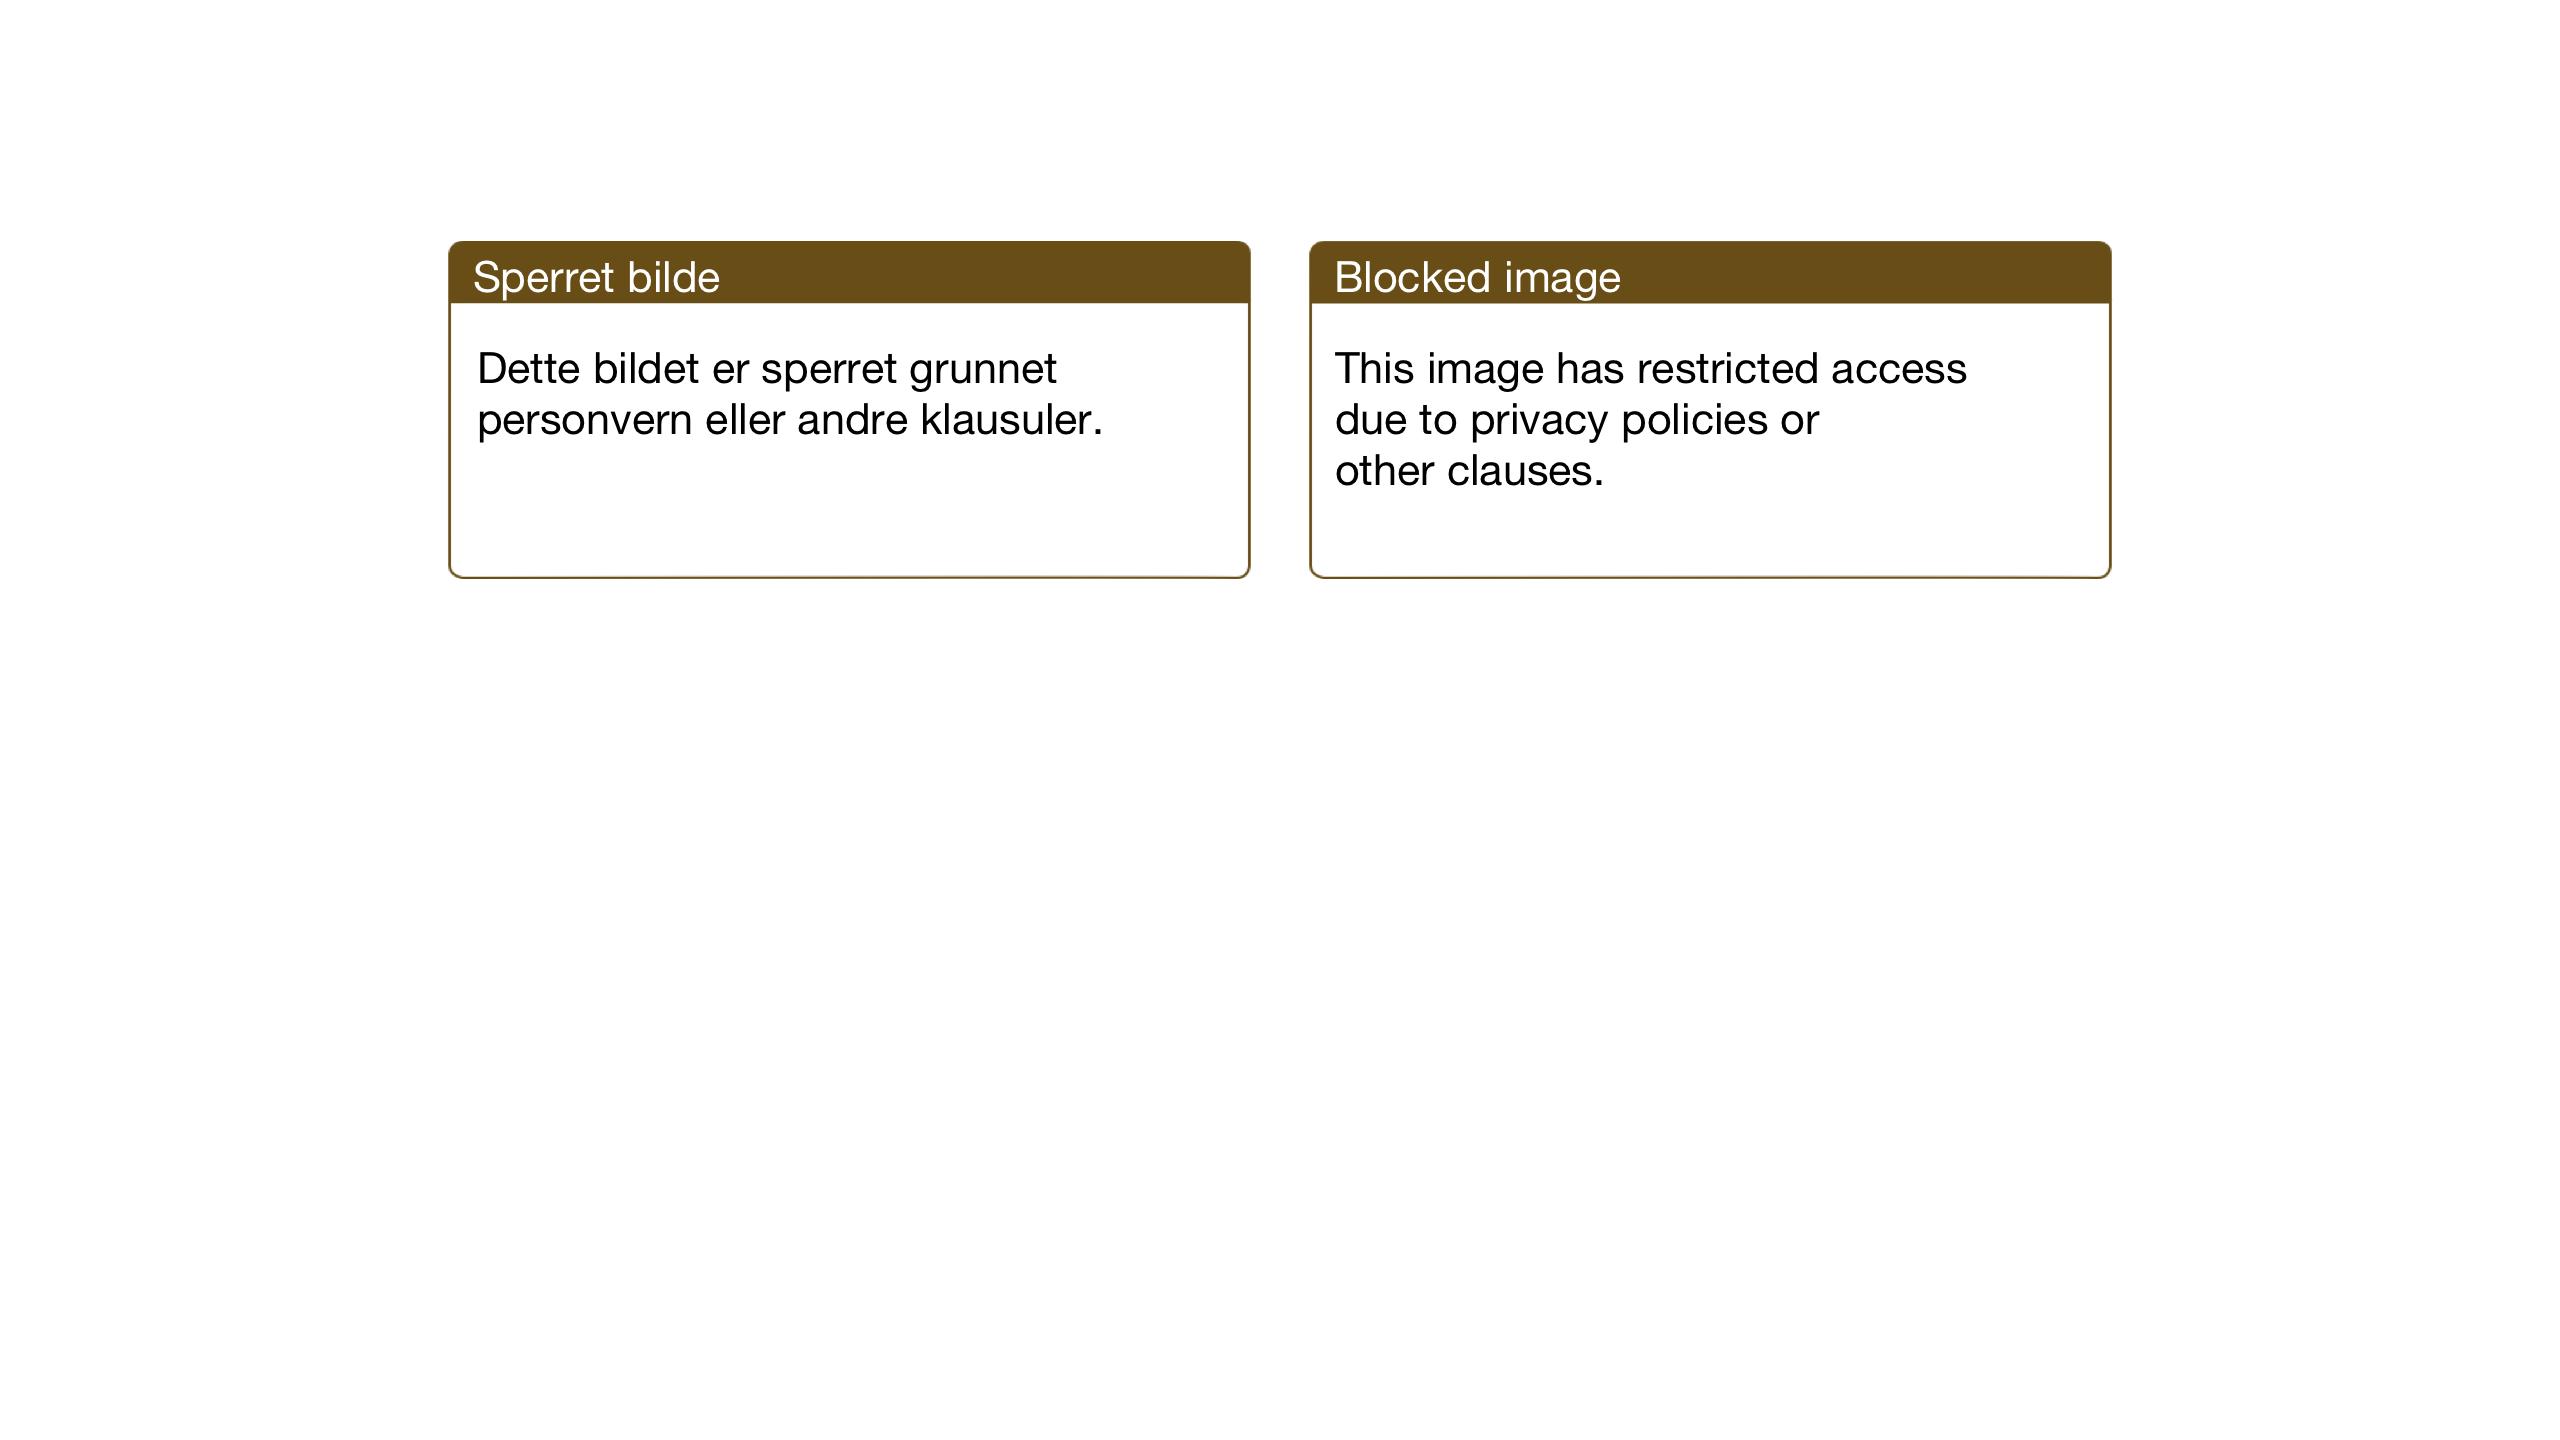 SAT, Ministerialprotokoller, klokkerbøker og fødselsregistre - Sør-Trøndelag, 670/L0837: Klokkerbok nr. 670C01, 1905-1946, s. 164-165